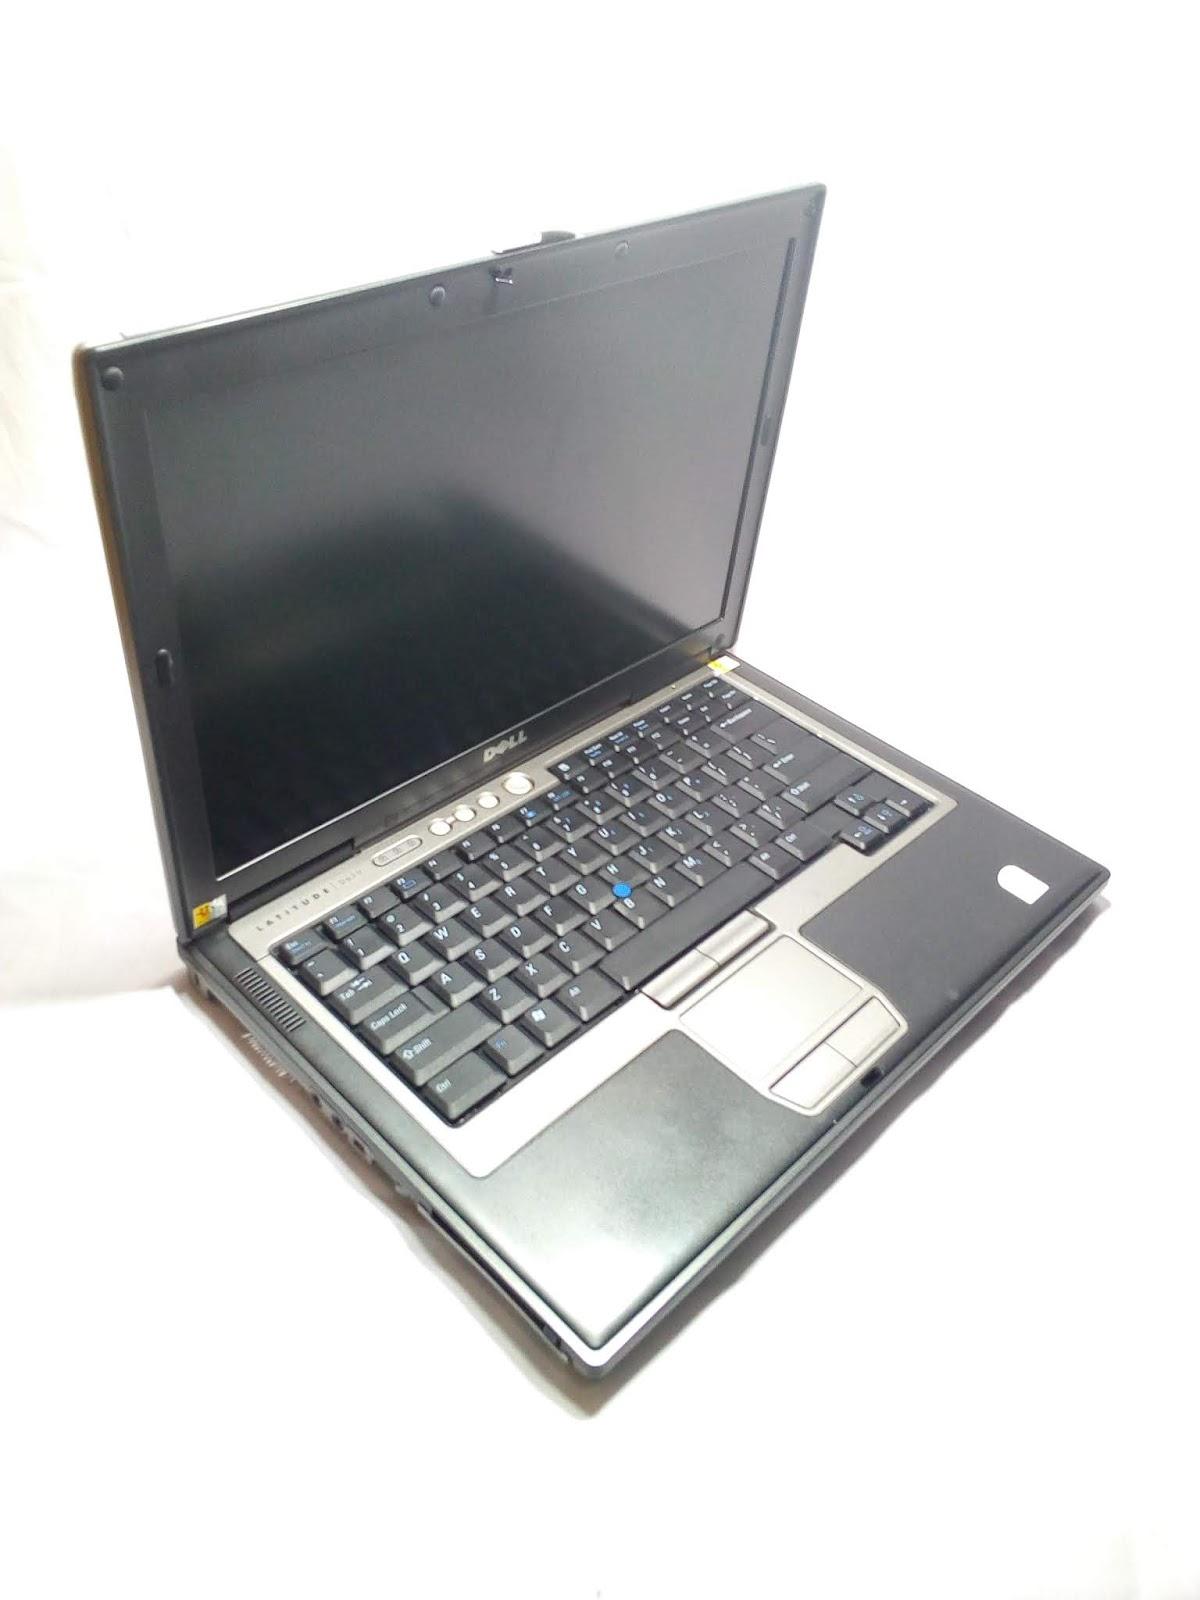 Dell Latitude D630 Sulit bagi pengguna gad yang terbiasa dengan sentuhan mengkilap dan lampu yang berkedip untuk mendapatkan kegembiraan tentang laptop